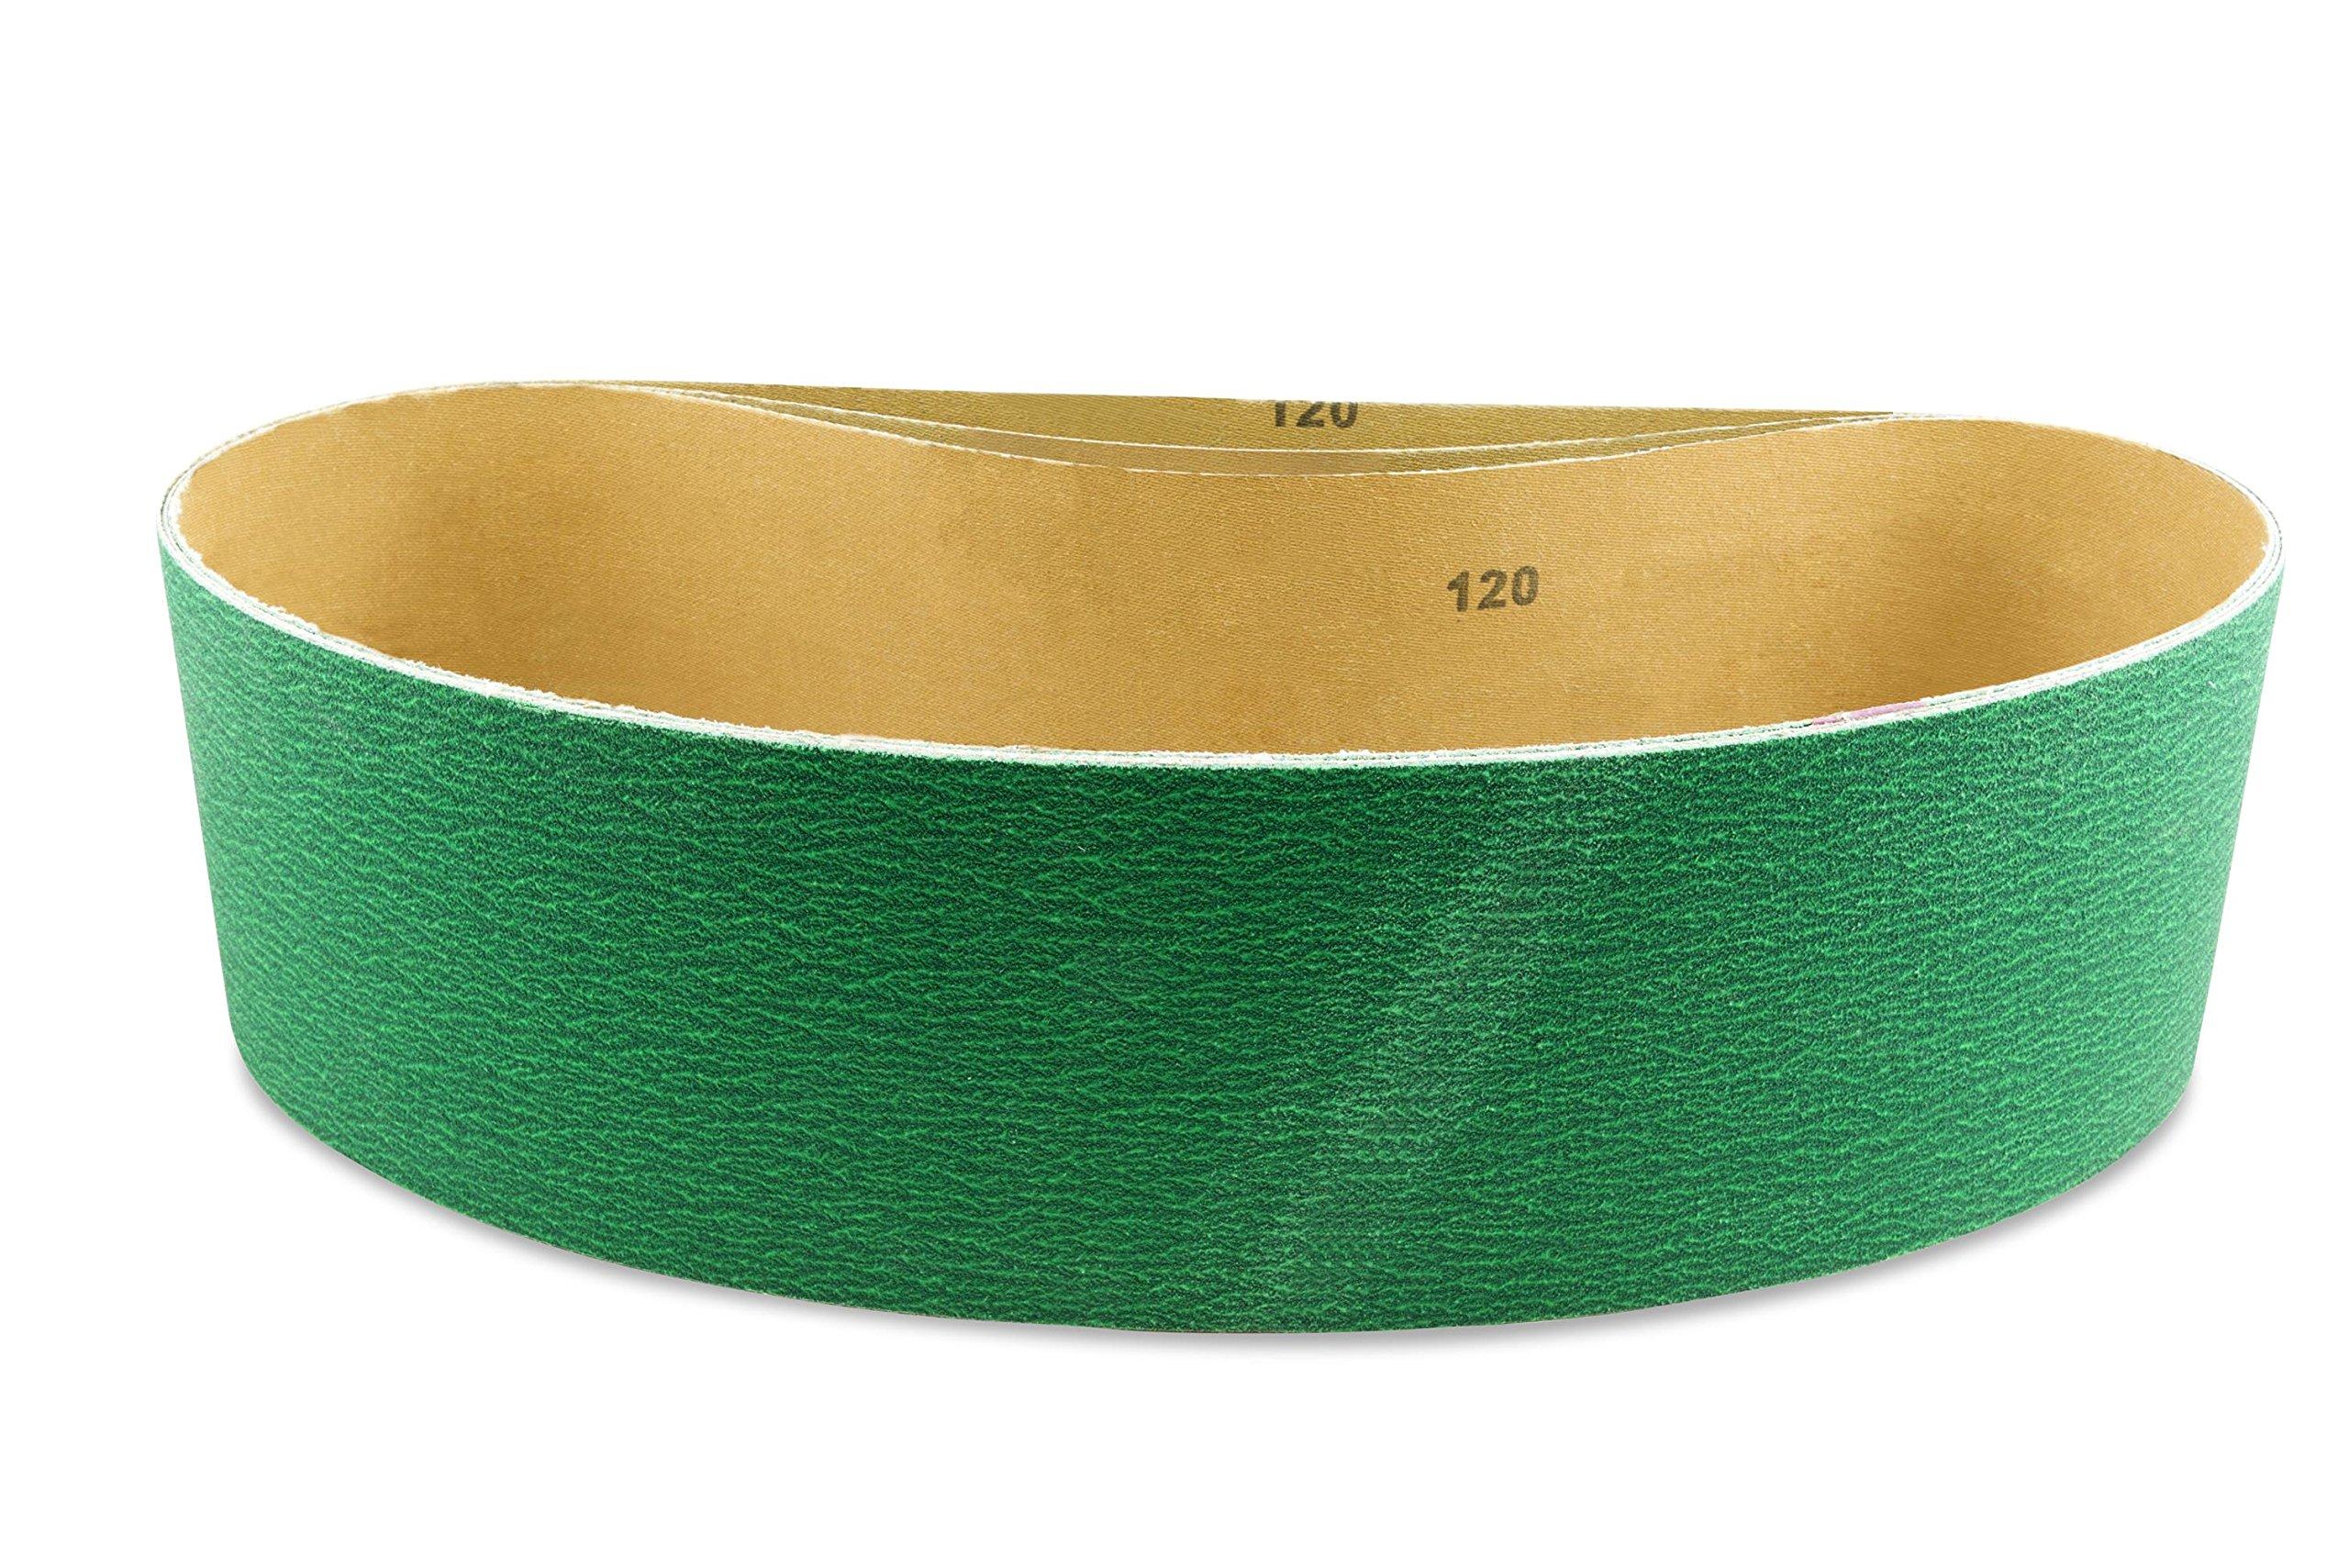 4 X 21 Inch 120 Grit Metal Grinding Zirconia Sanding Belts, 3 Pack